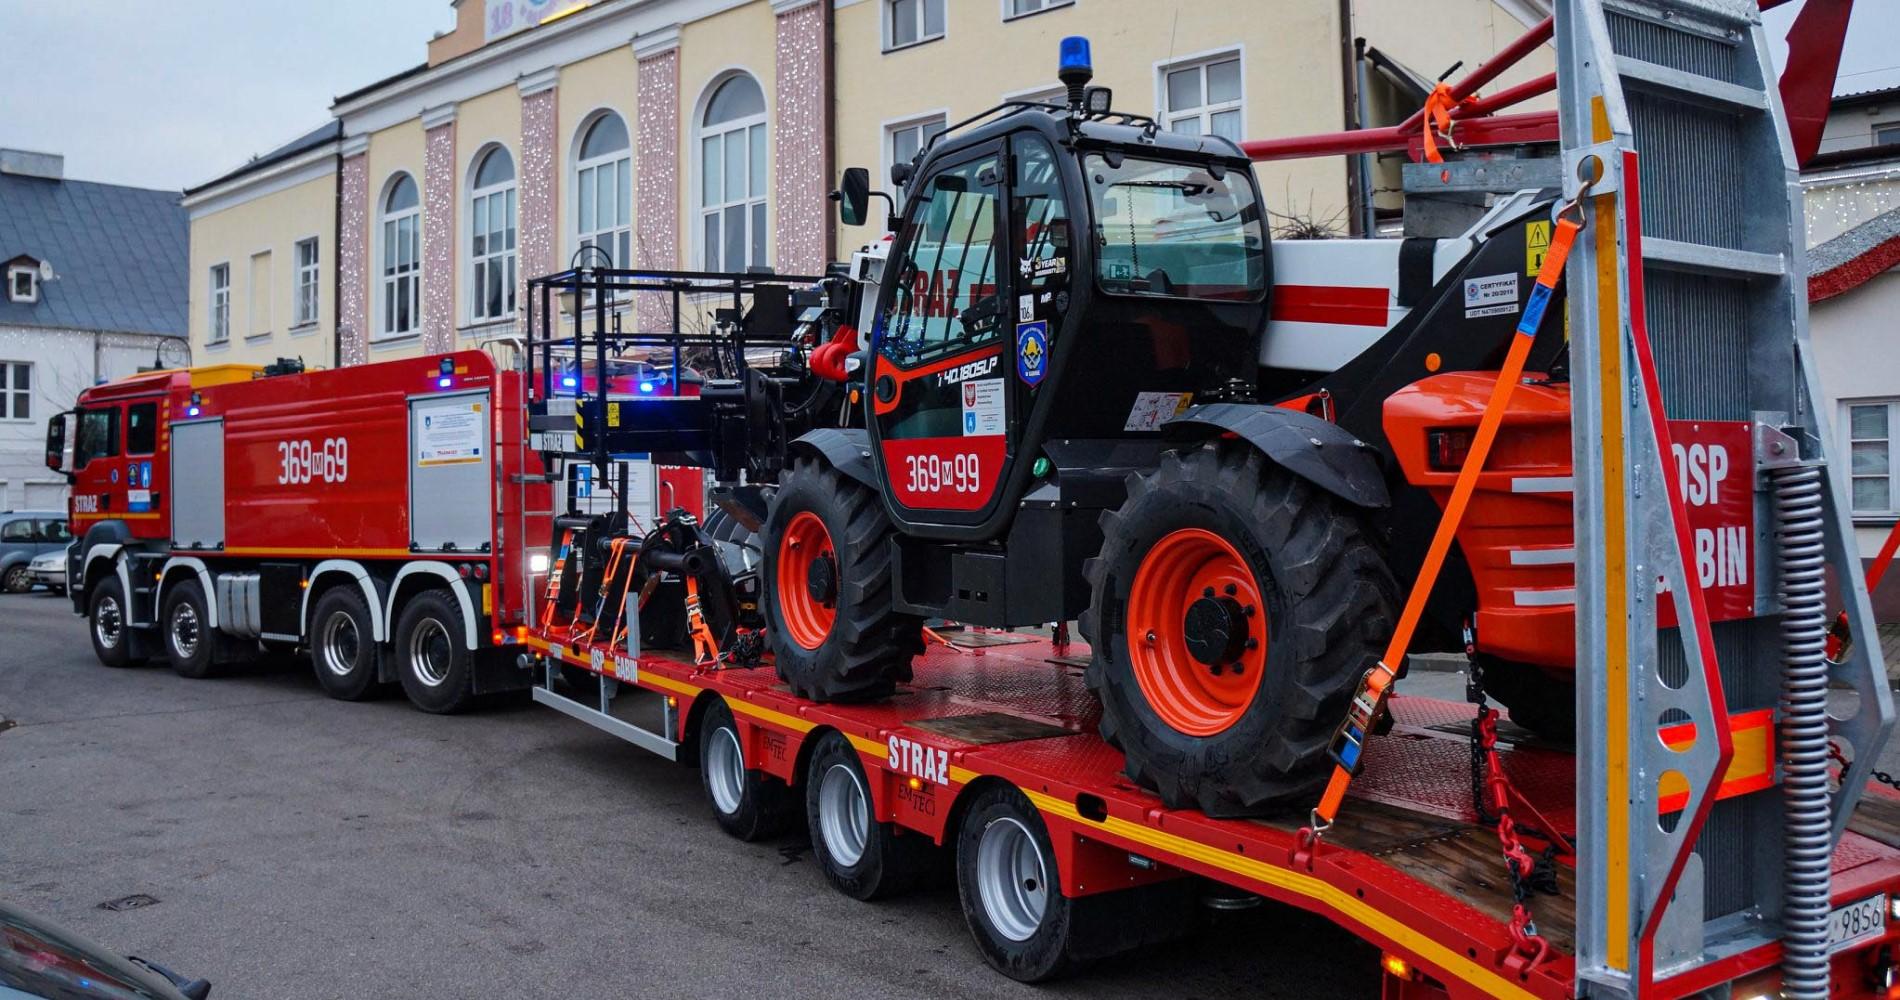 Телескопический погрузчик Bobcat помогает польской пожарной части